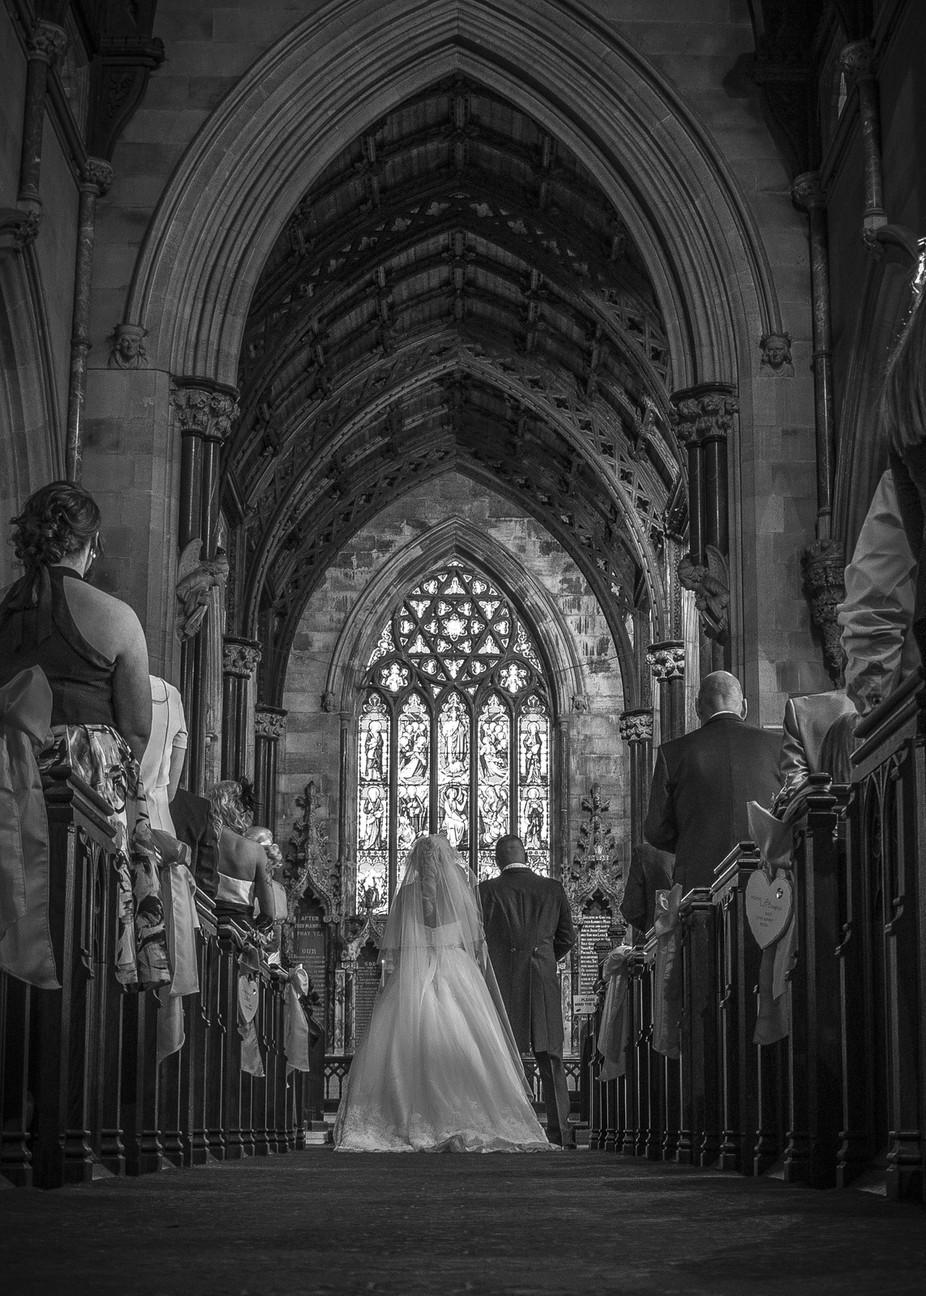 til death us do part x by pauljoinson - Faith Photo Contest with Scott Jarvie